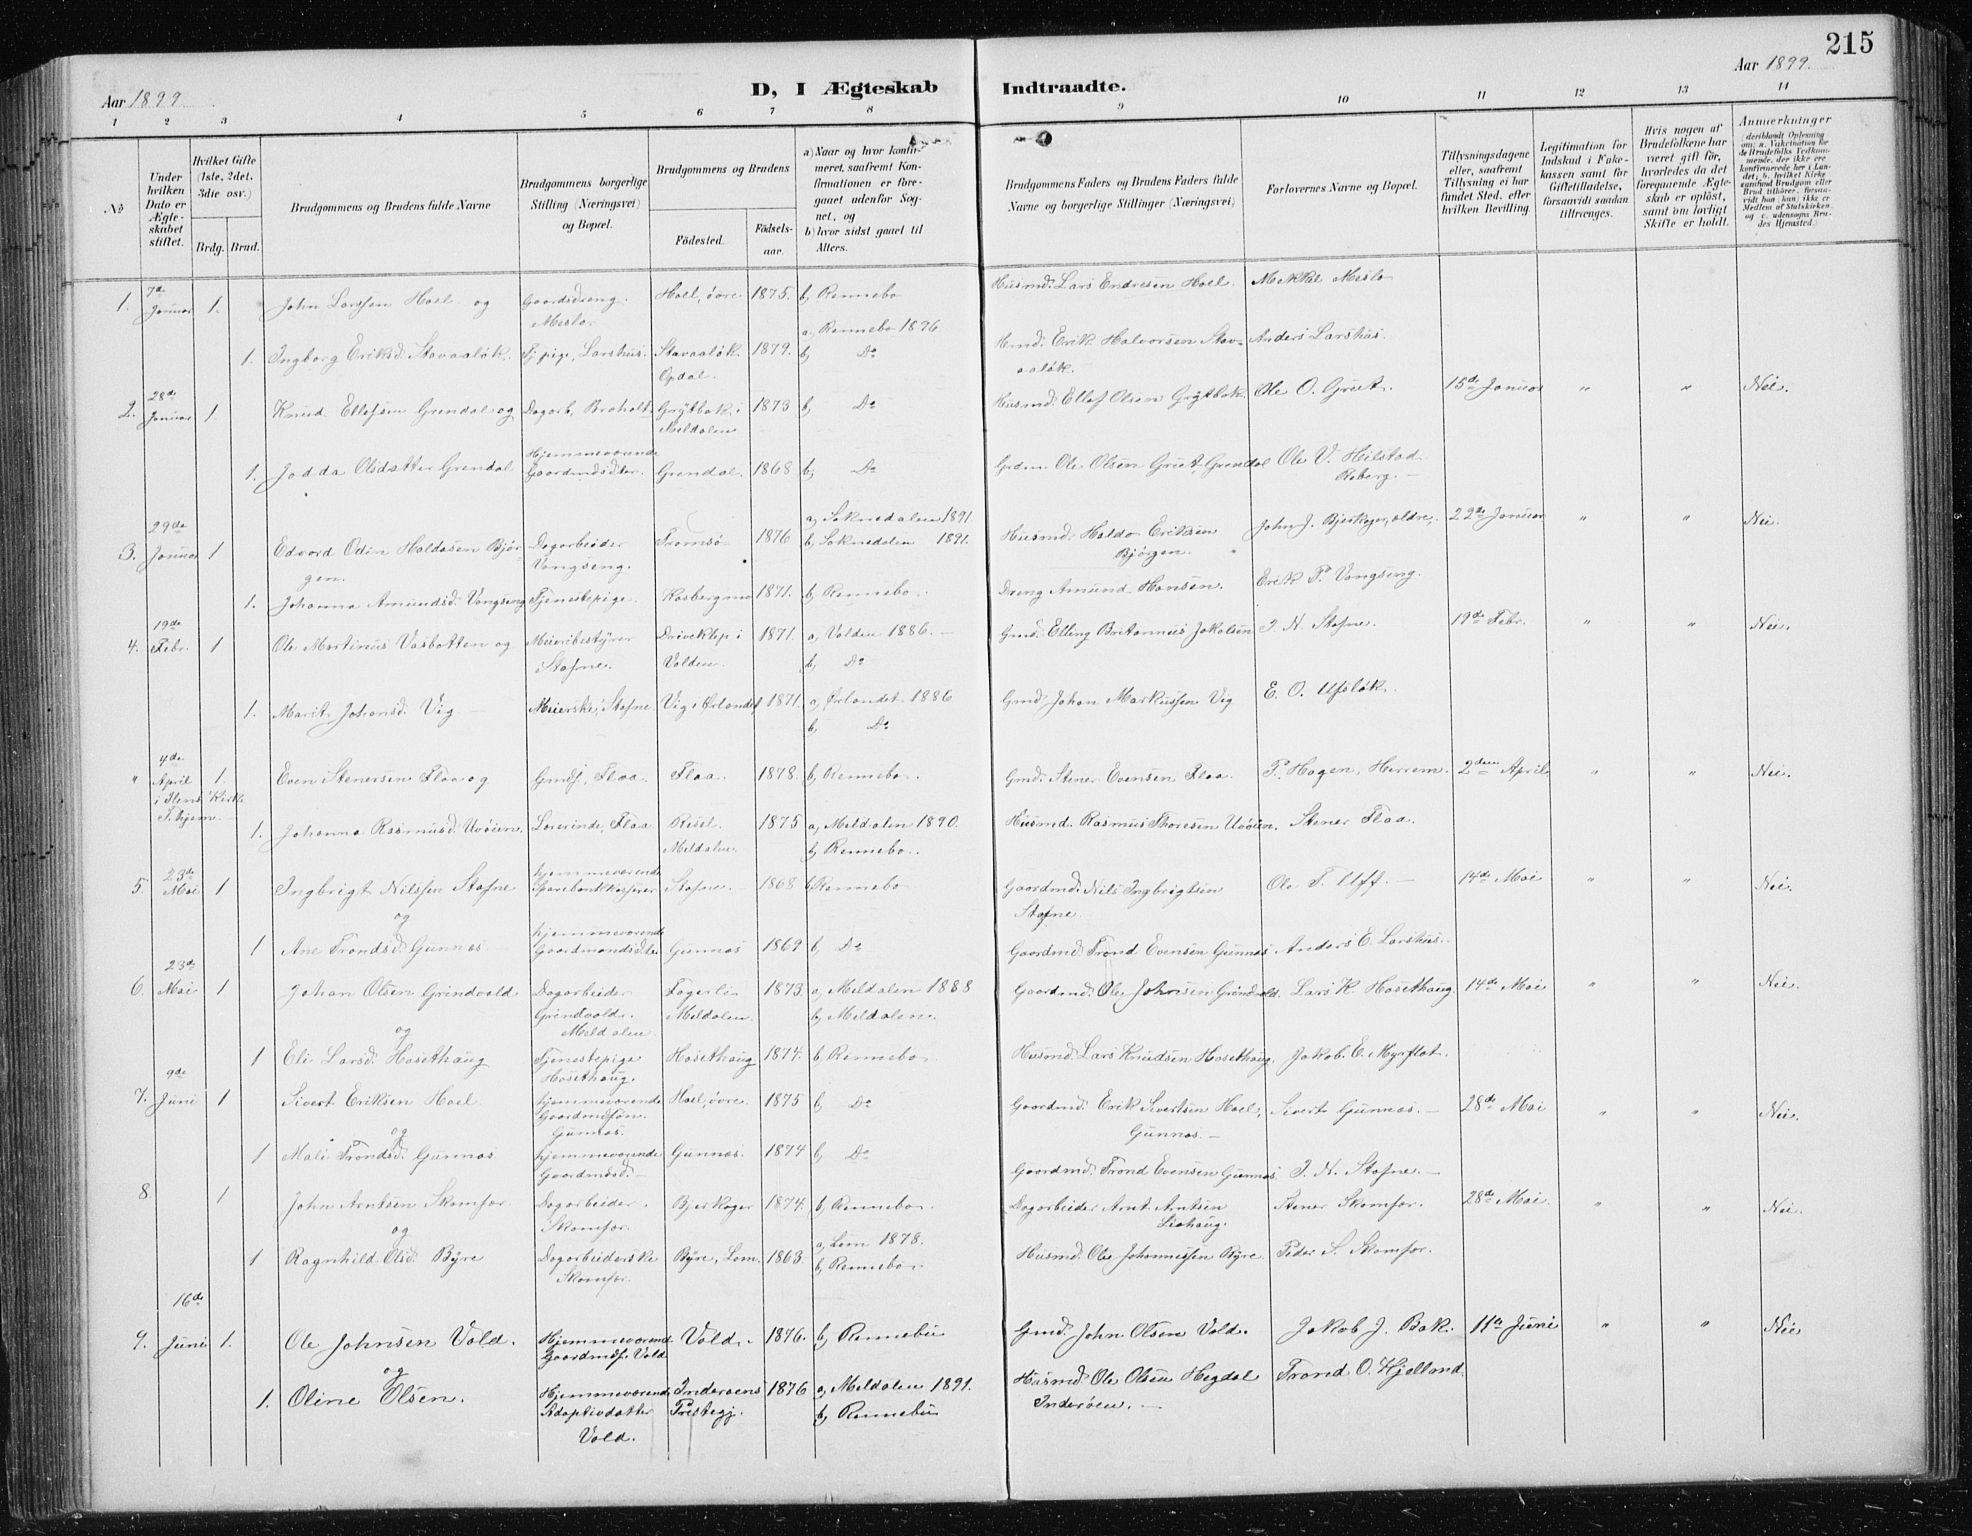 SAT, Ministerialprotokoller, klokkerbøker og fødselsregistre - Sør-Trøndelag, 674/L0876: Klokkerbok nr. 674C03, 1892-1912, s. 215